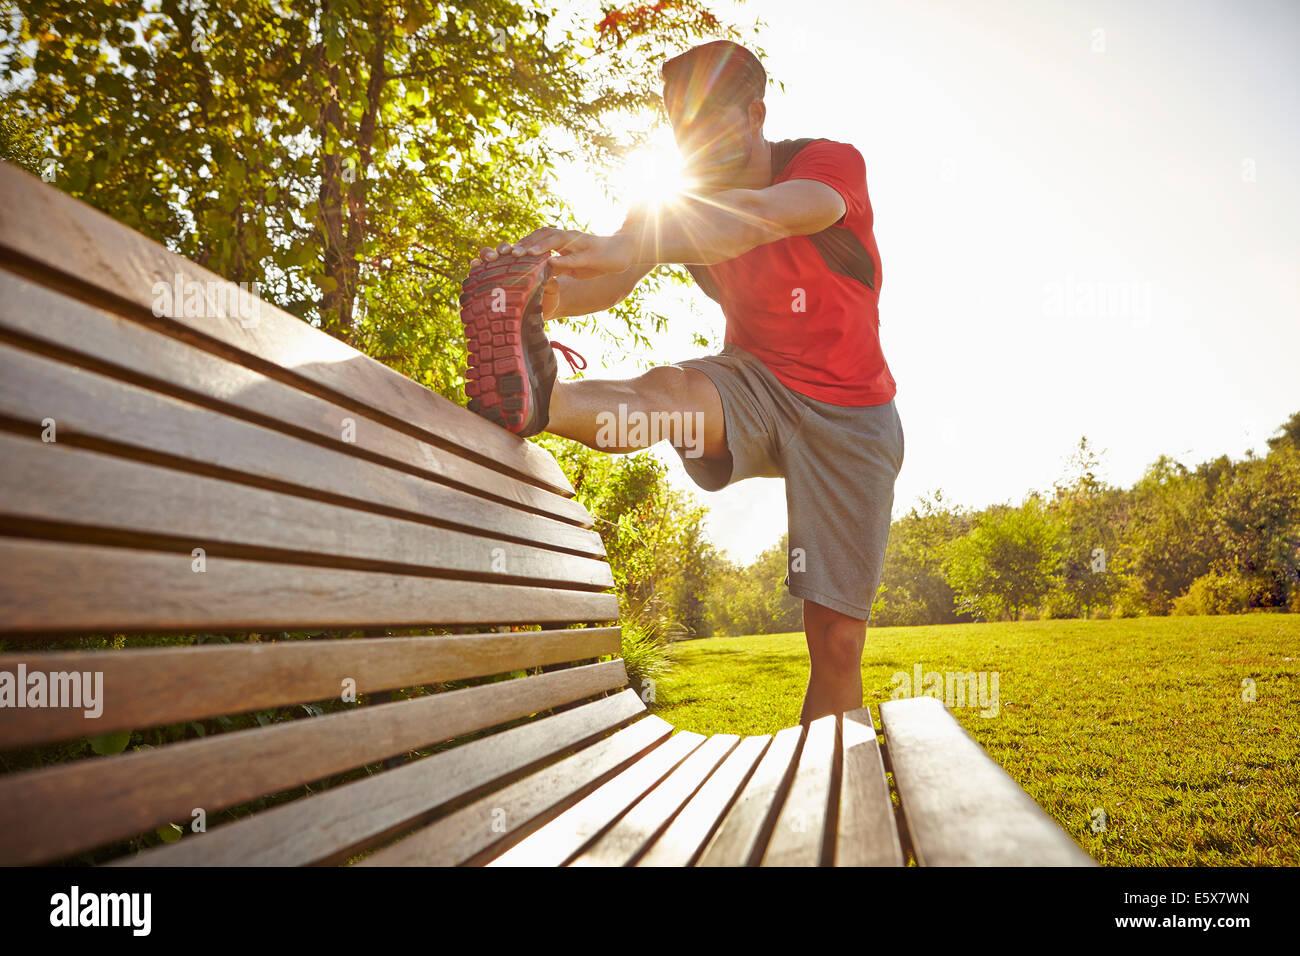 Giovane maschio runner stretching gambe su una panchina nel parco Immagini Stock